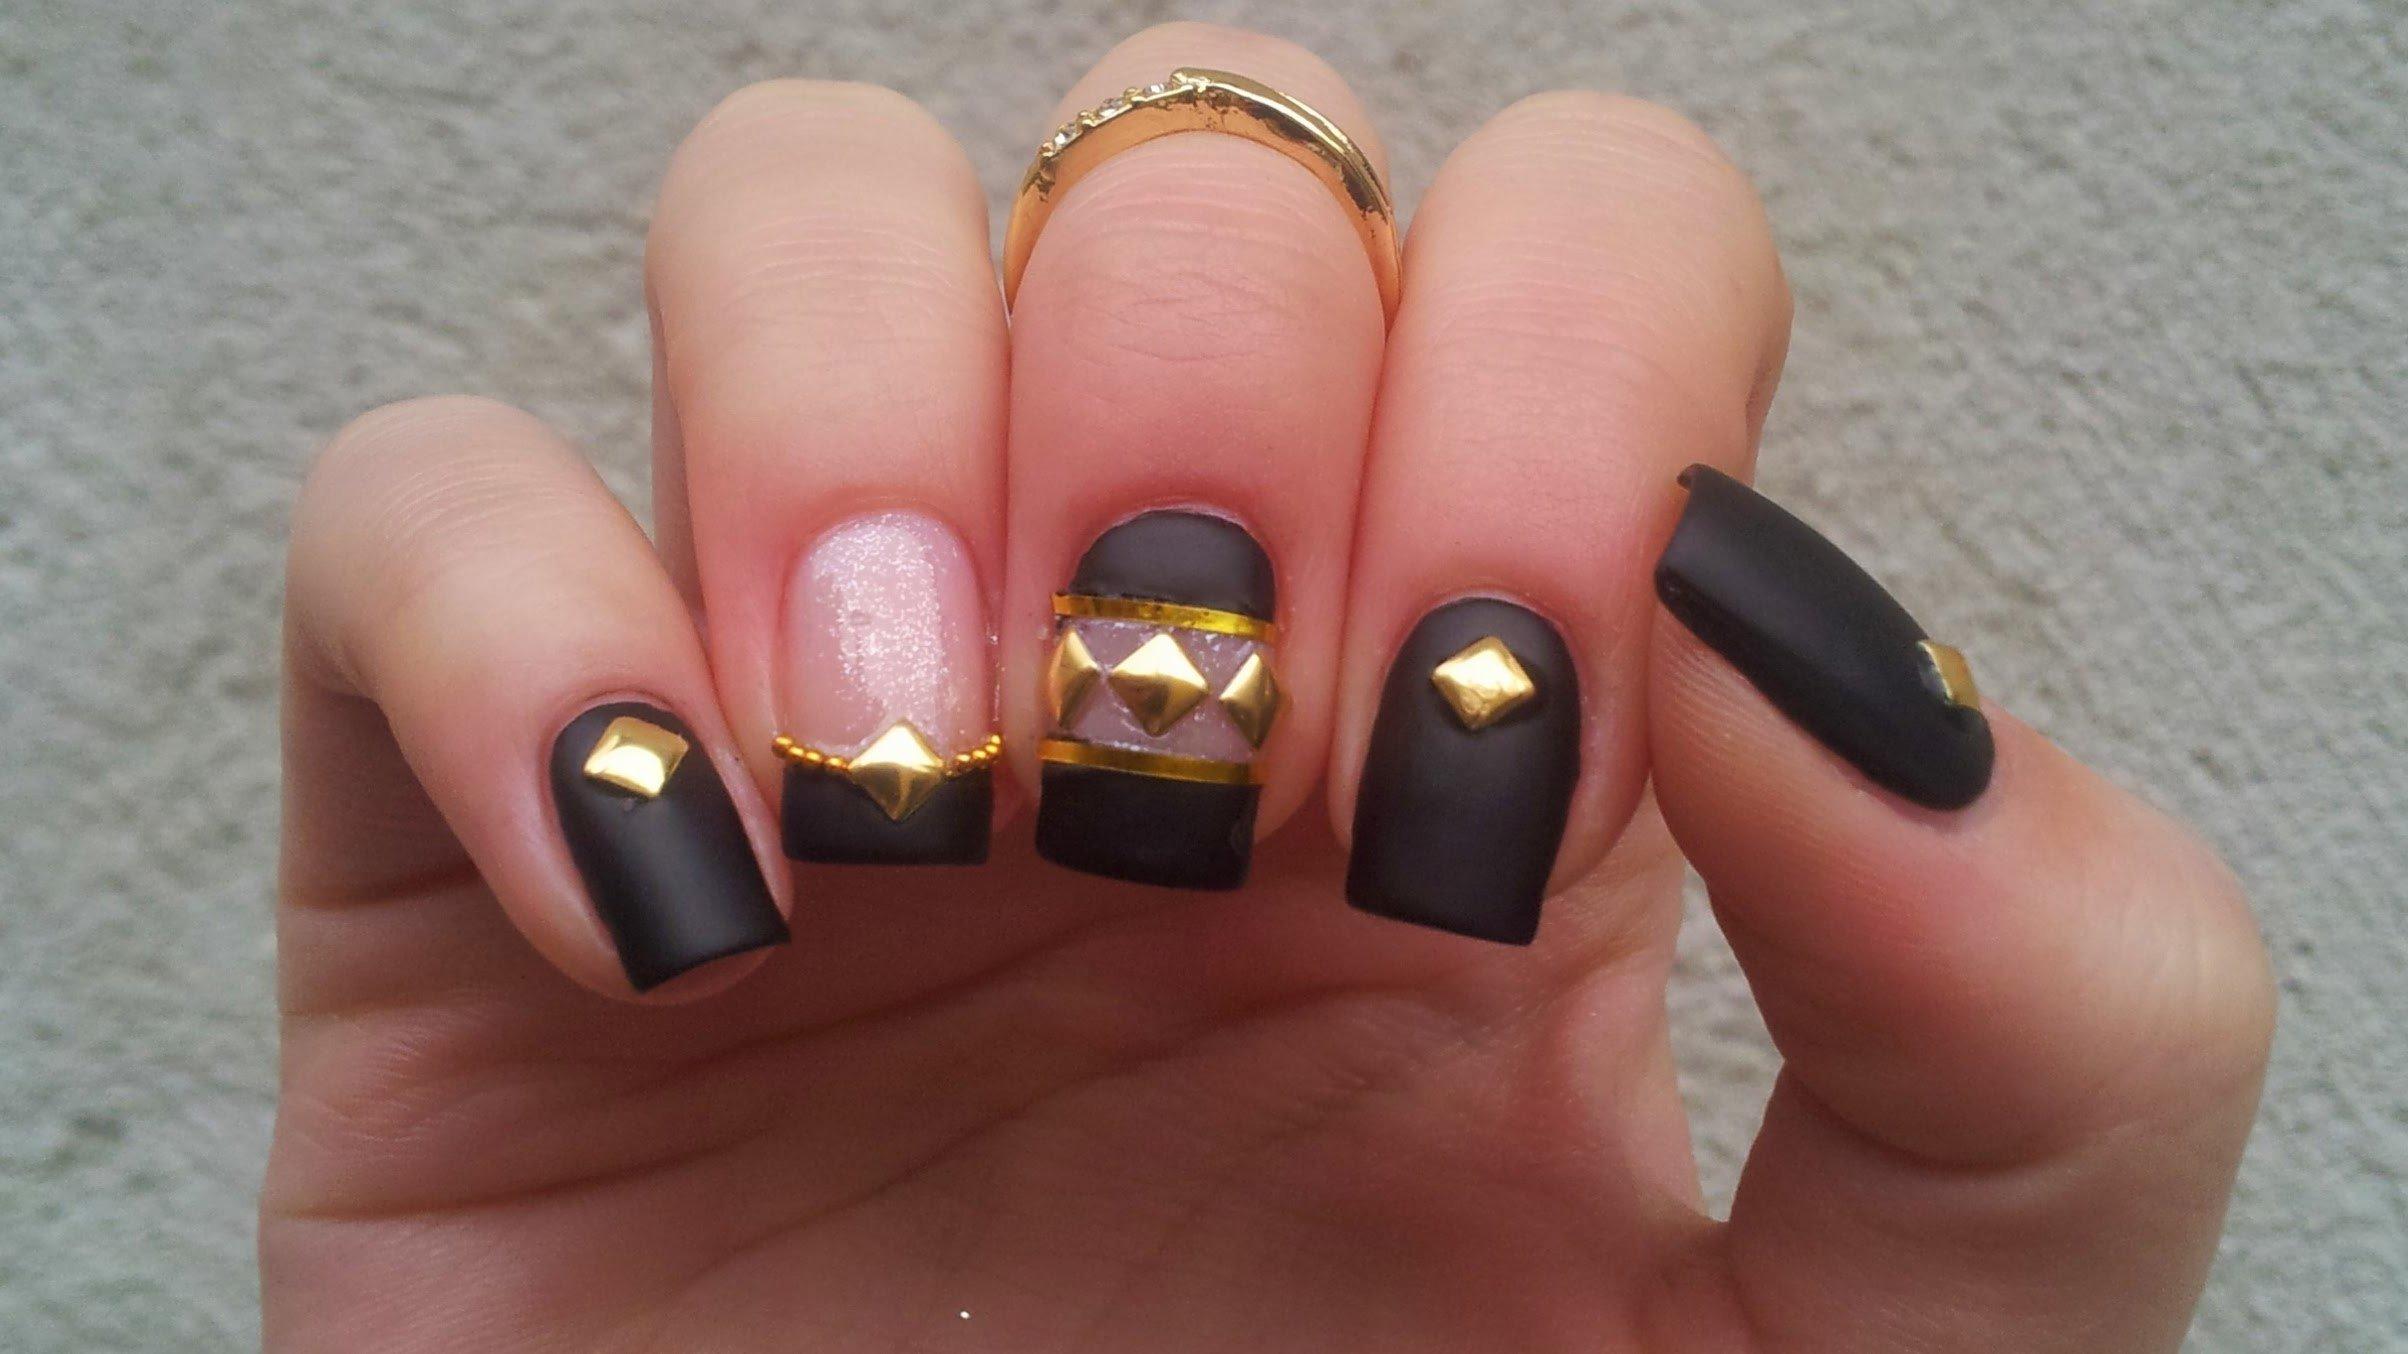 Schöne Nägel mit Gold-Elementen